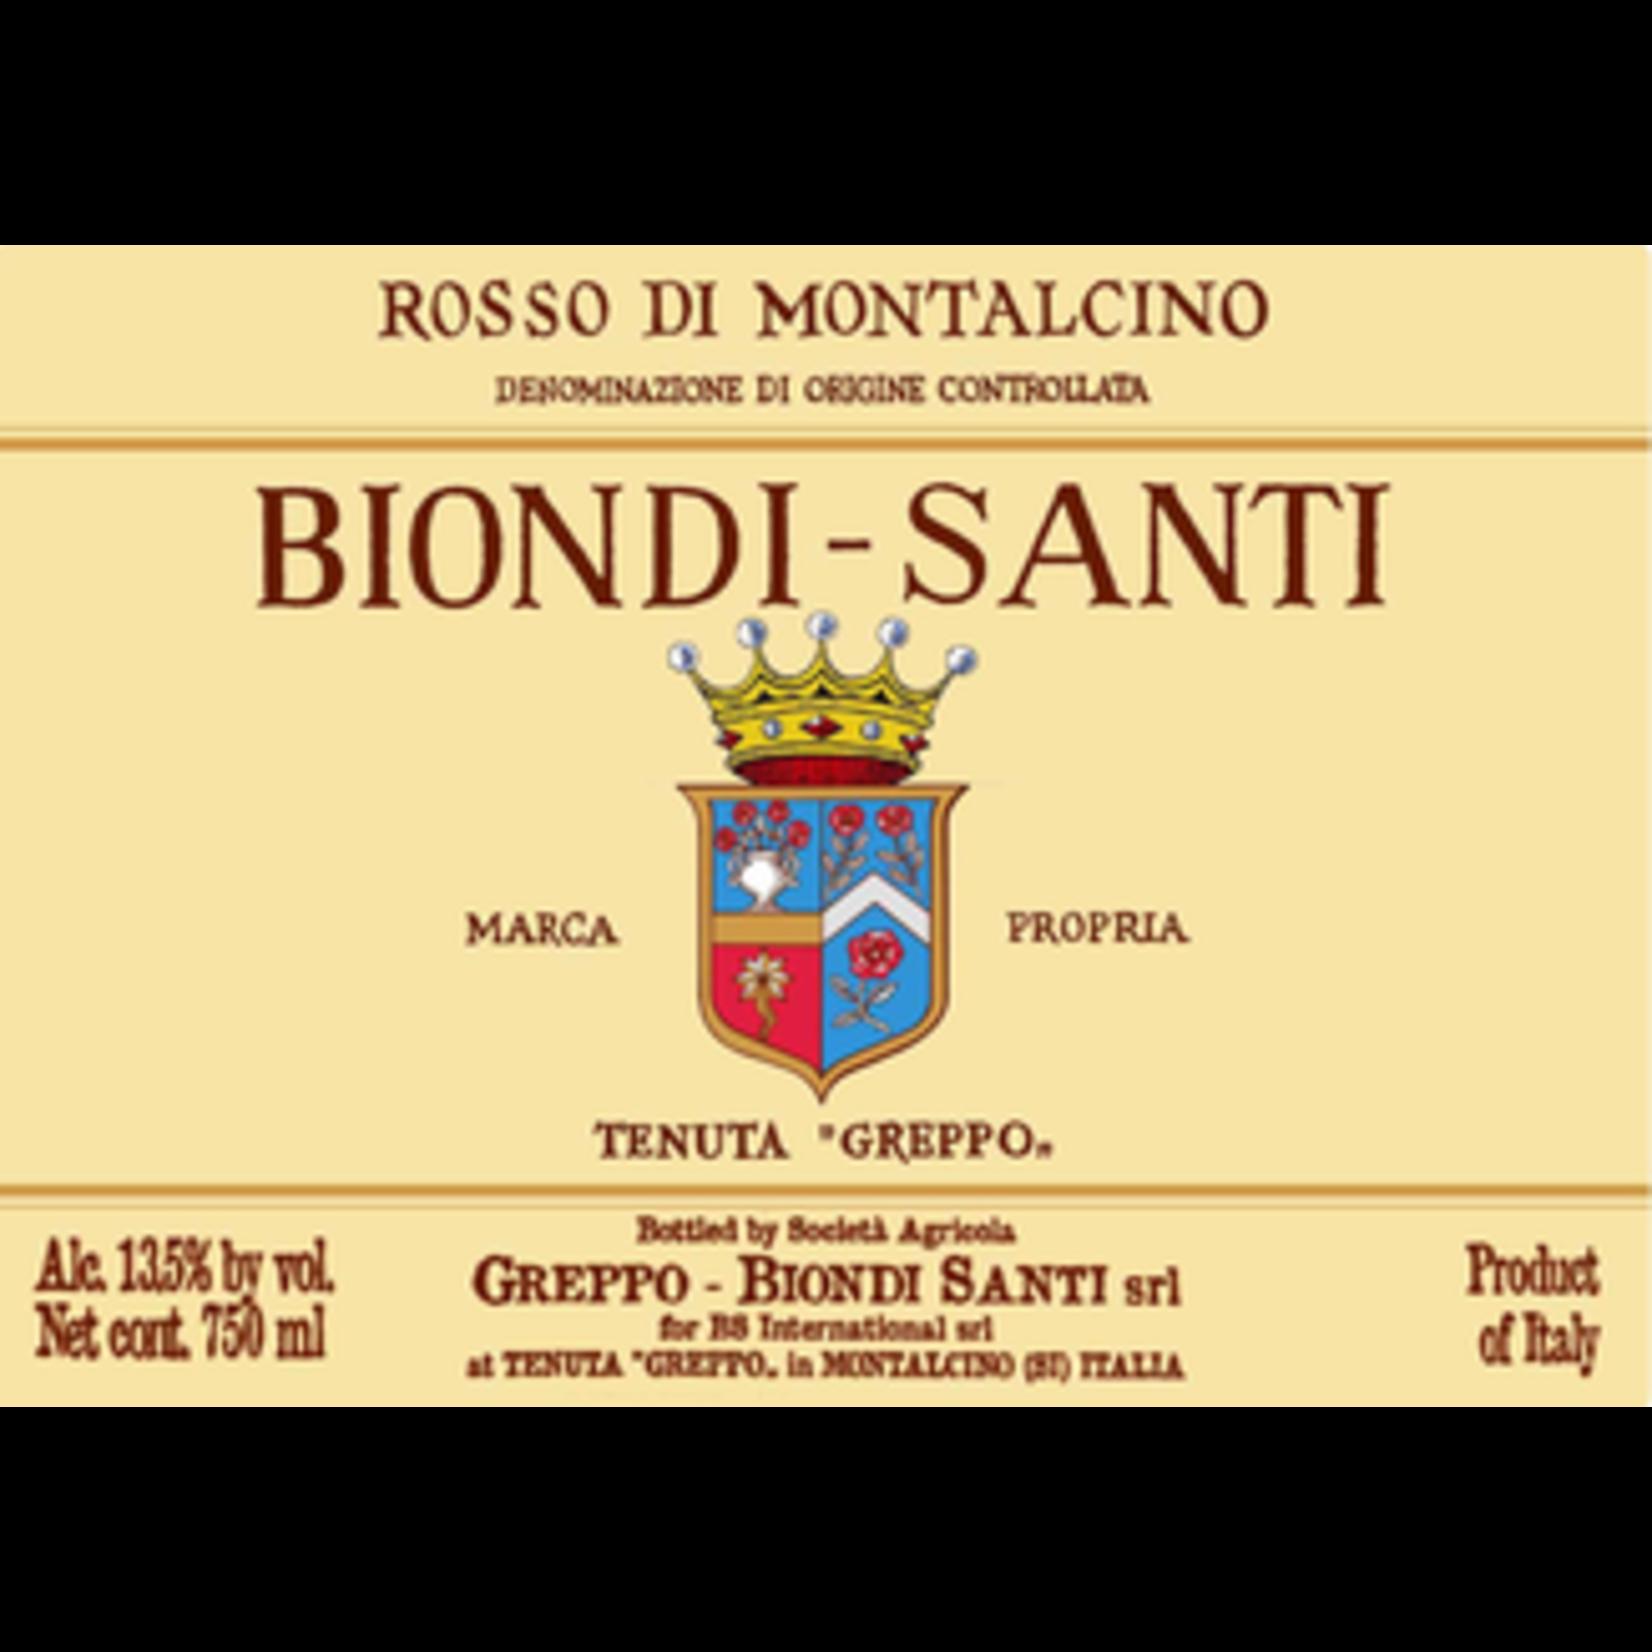 Wine Biondi Santi Rosso di Montalcino 2017